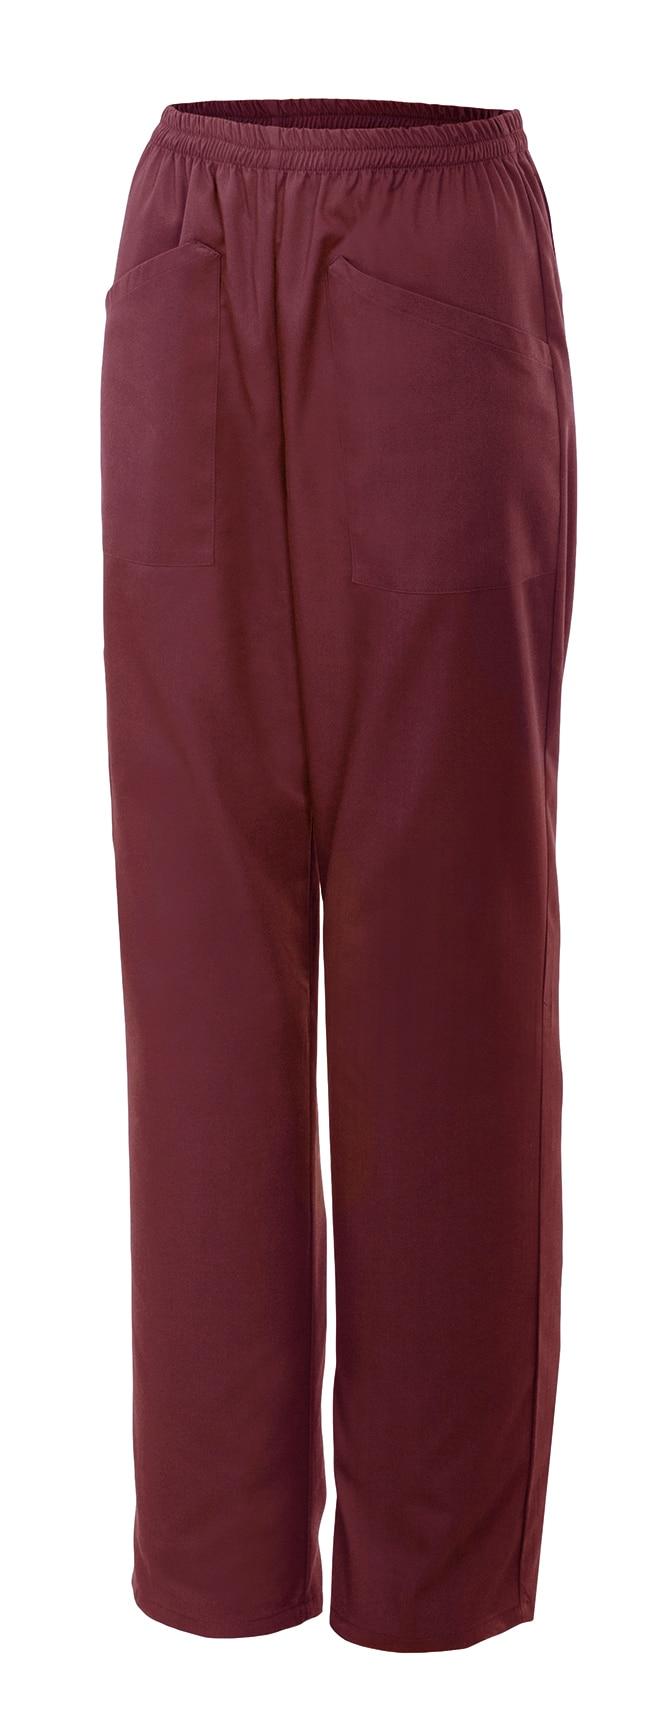 Velilla 319 PantalÓn Pijama Mujer Granate